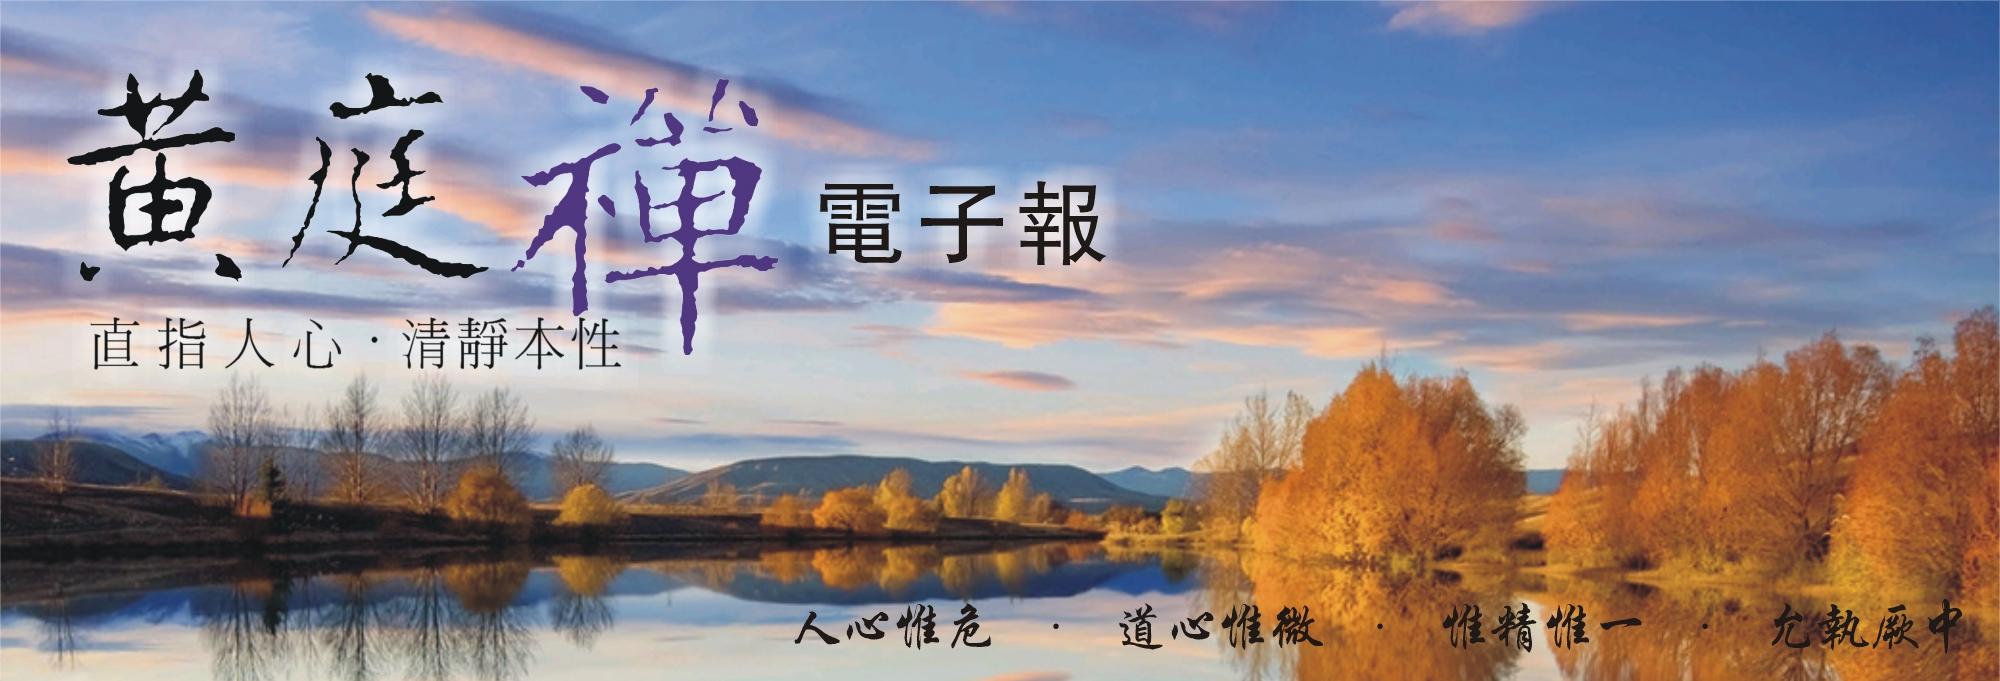 中華黃庭禪學會2014.09.11電子報